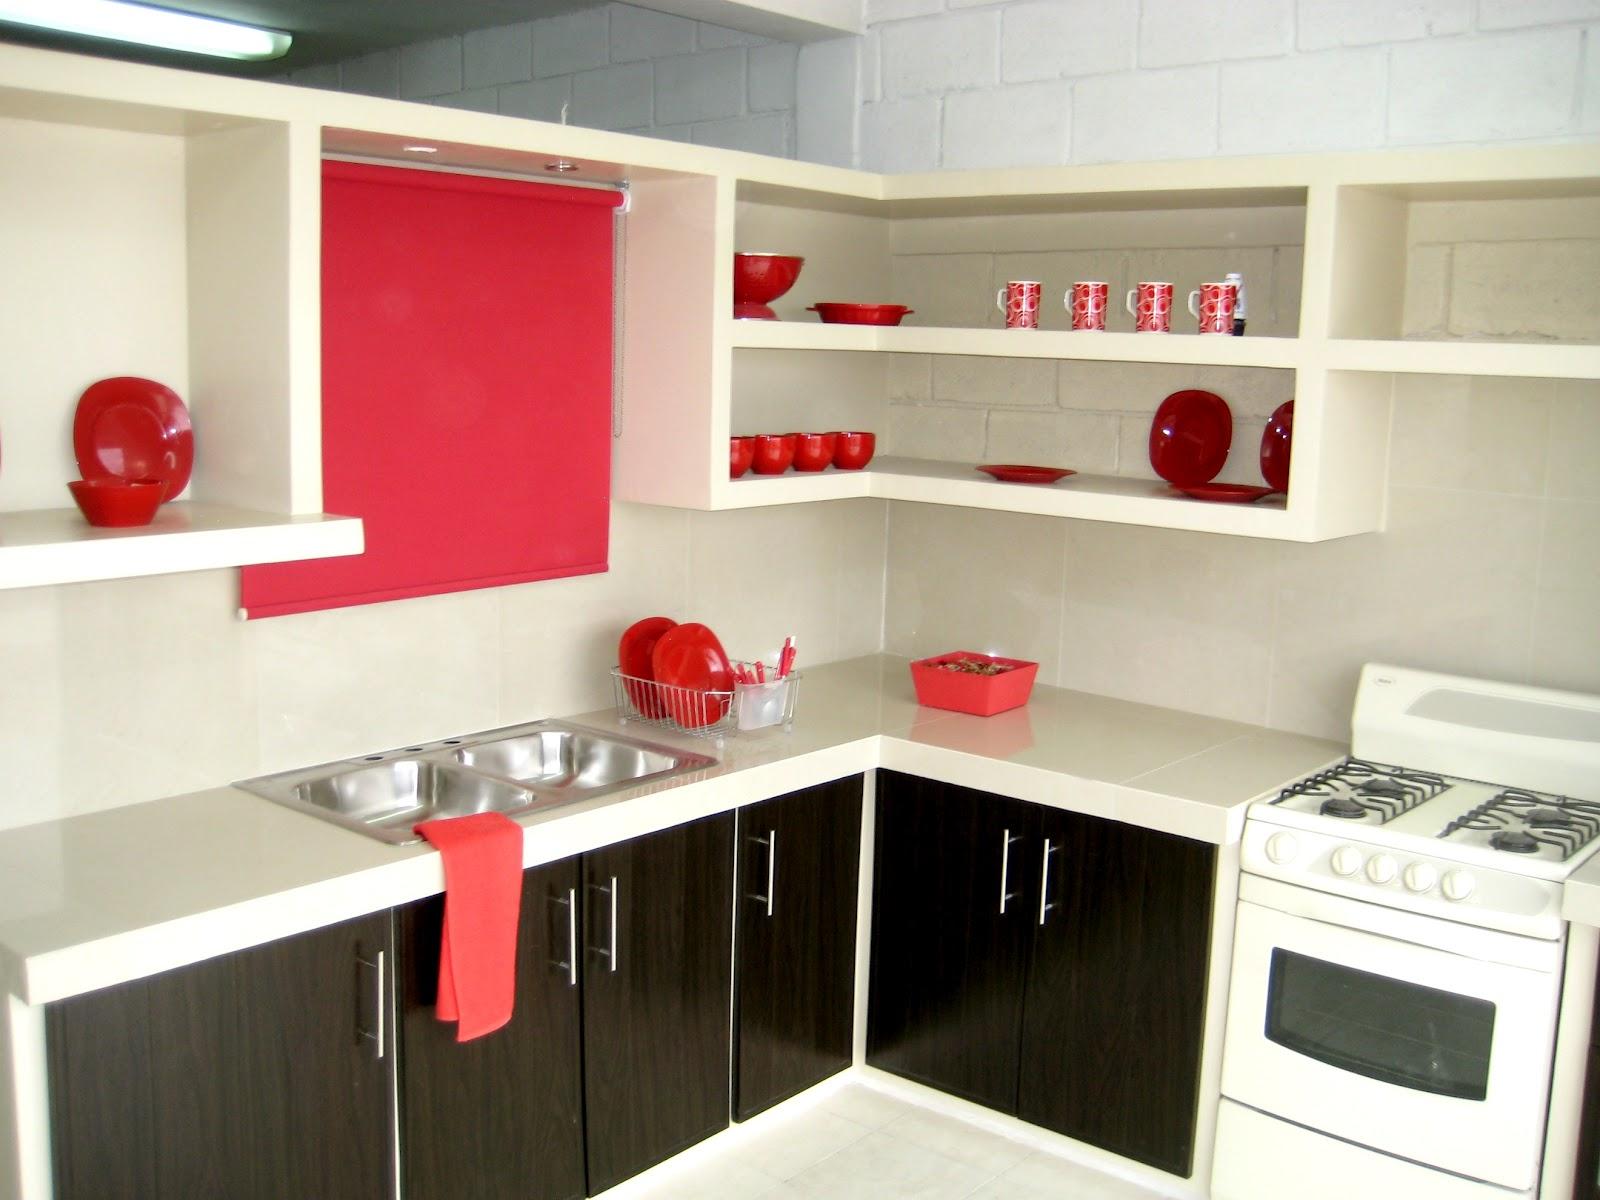 Tablaroca casa multiservicios cocinas tablaroca casa for Como hacer una cocina moderna